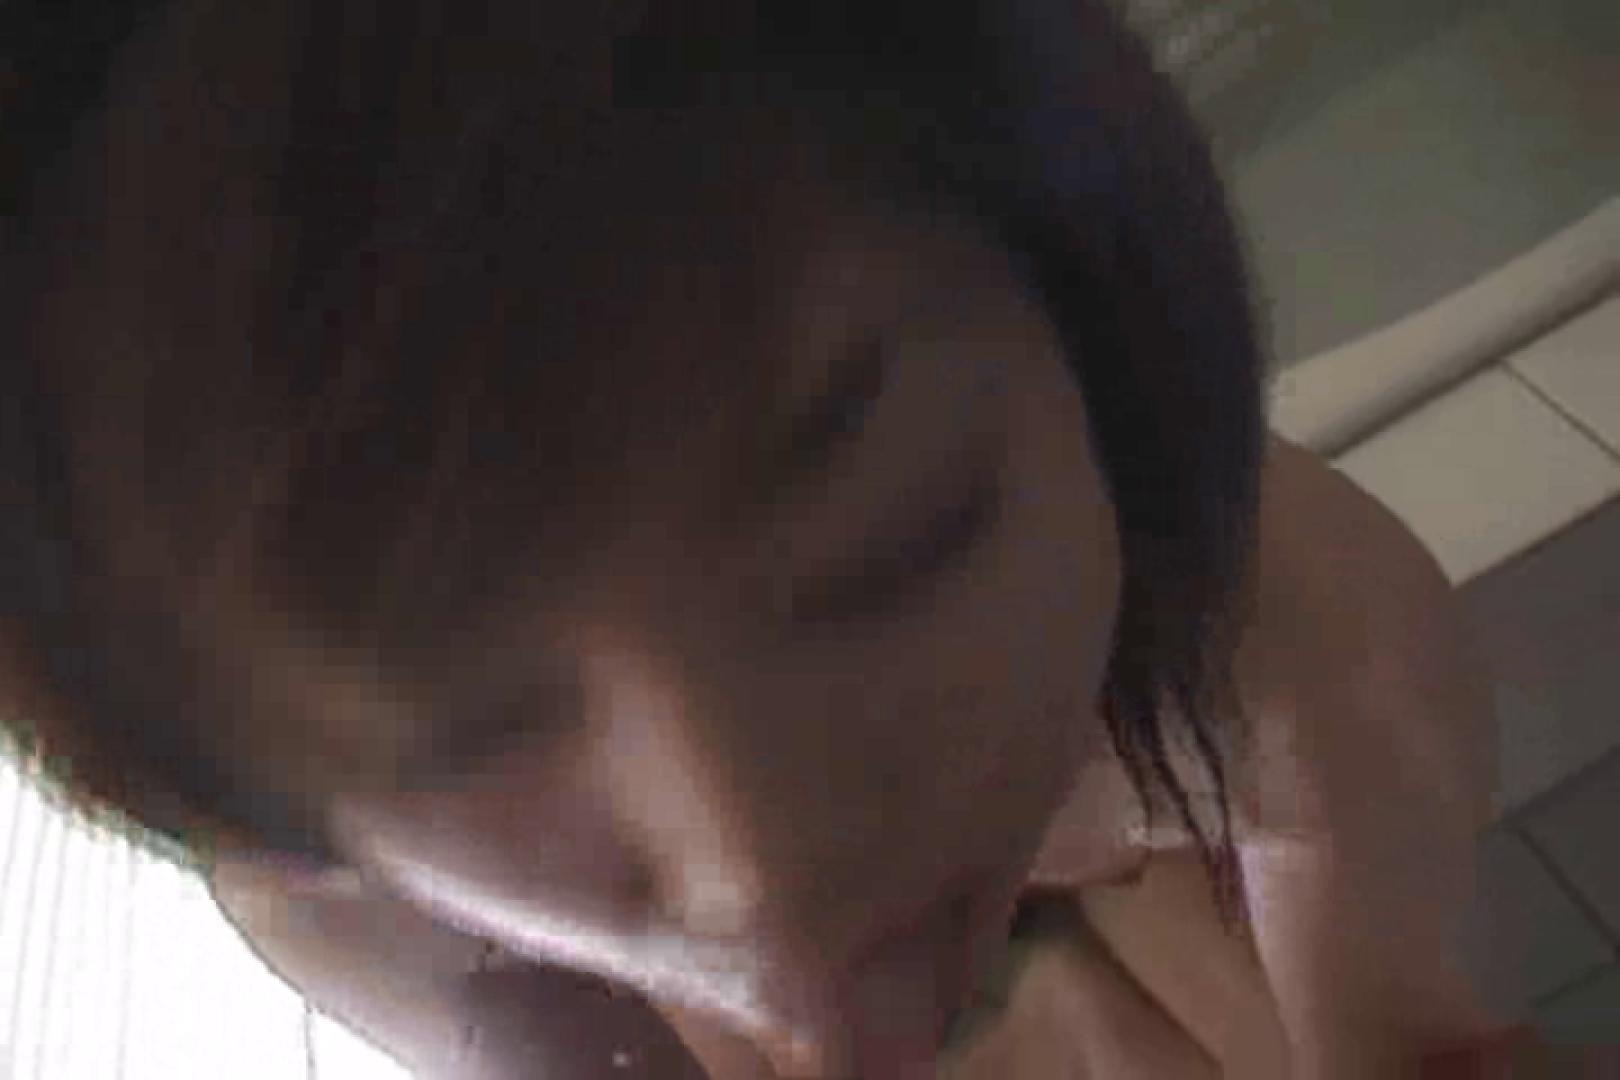 素人嬢126人のハメ撮り 川村美幸 バイブプレイ | メーカー直接買い取り  73pic 40